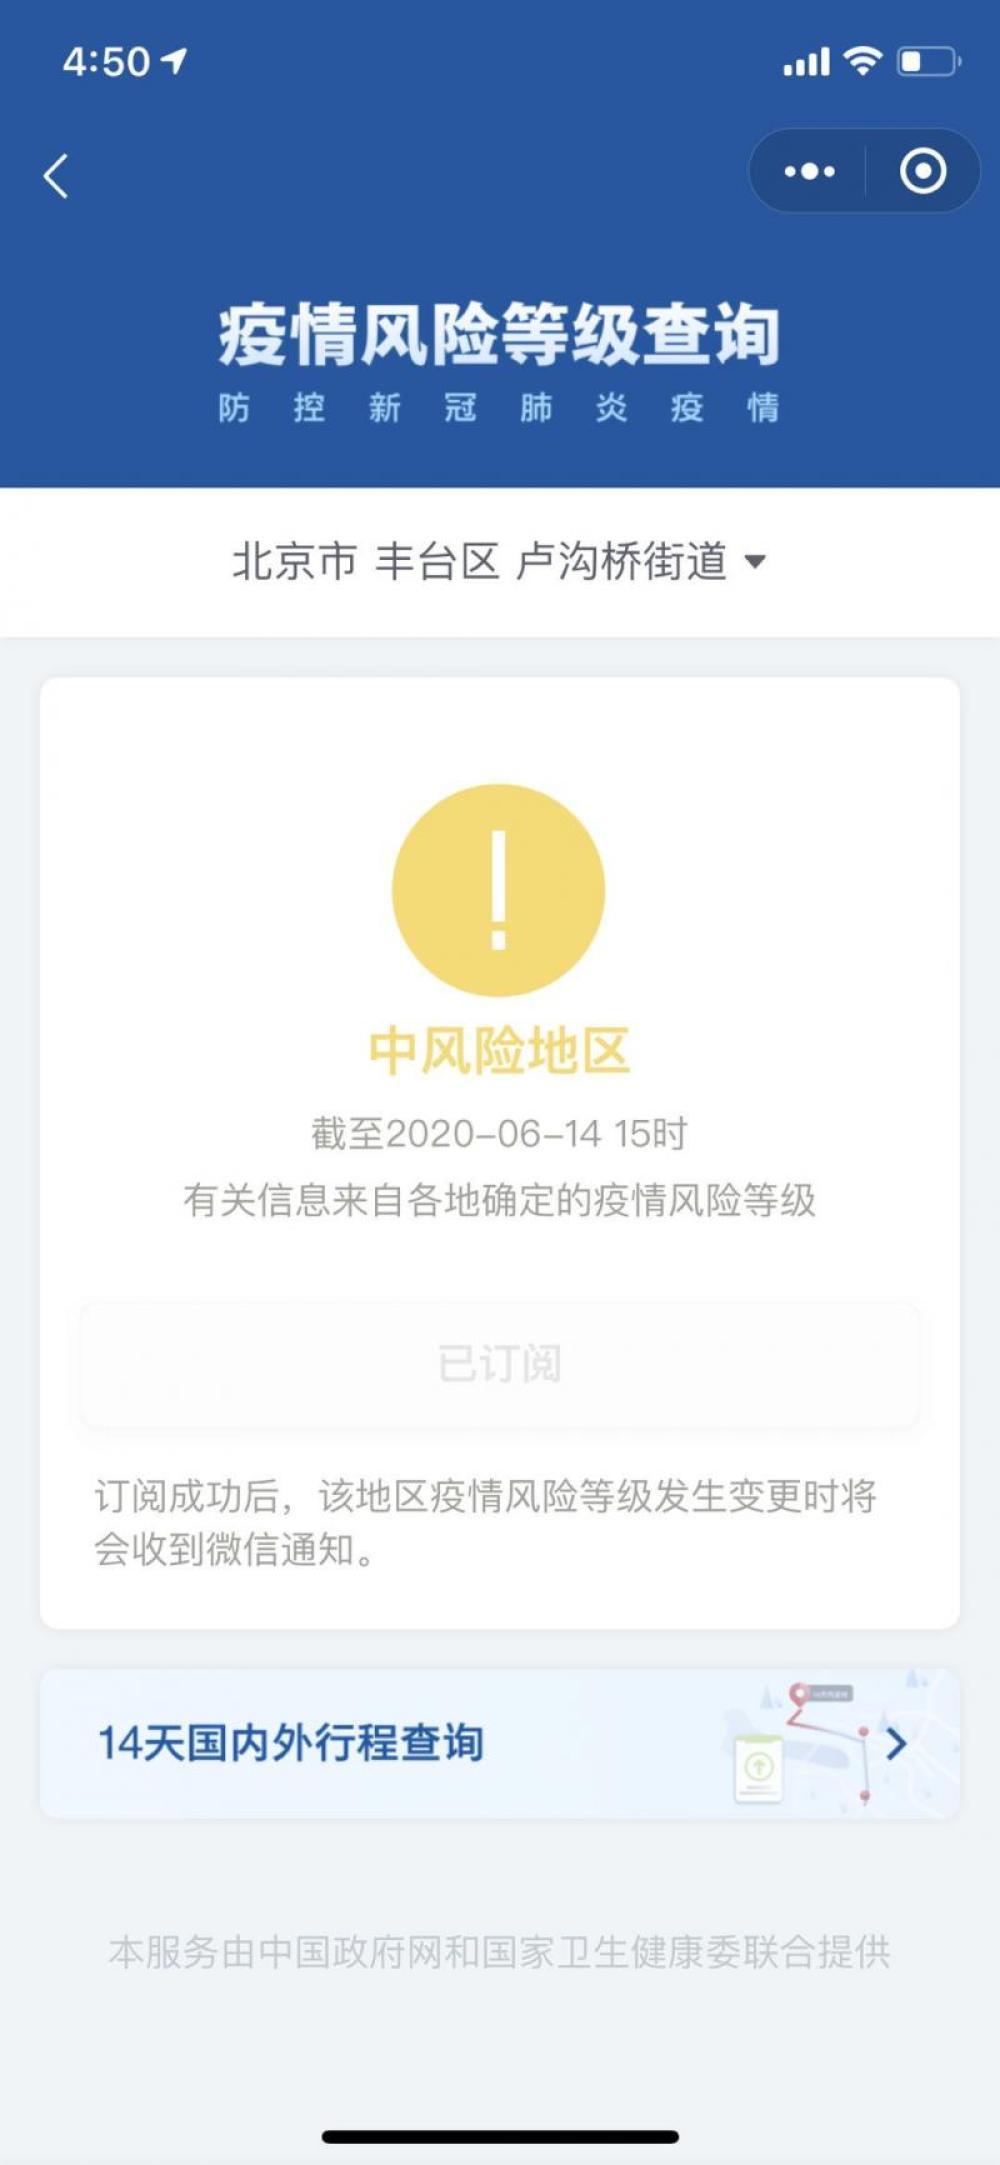 北京丰台区花乡疫情风险等级已经升级为高风险